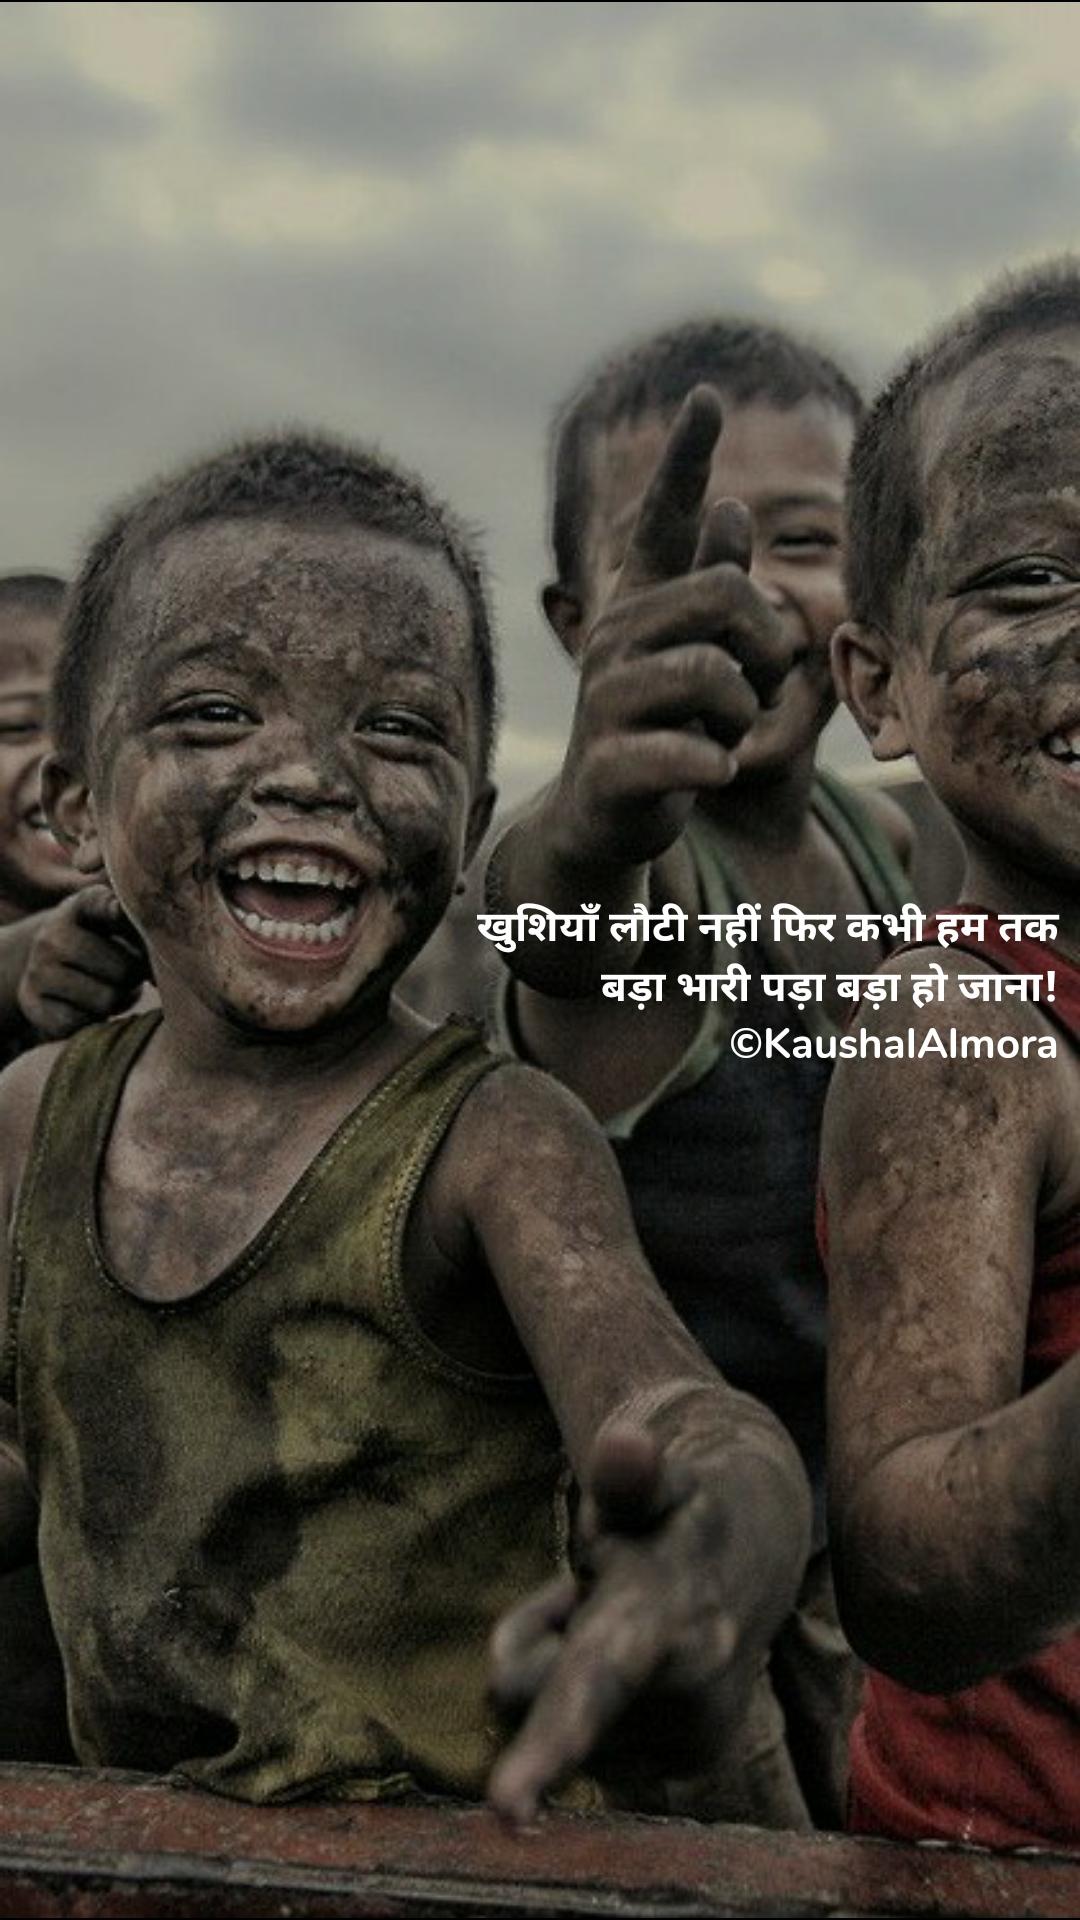 खुशियाँ लौटी नहीं फिर कभी हम तक बड़ा भारी पड़ा बड़ा हो जाना! ©KaushalAlmora